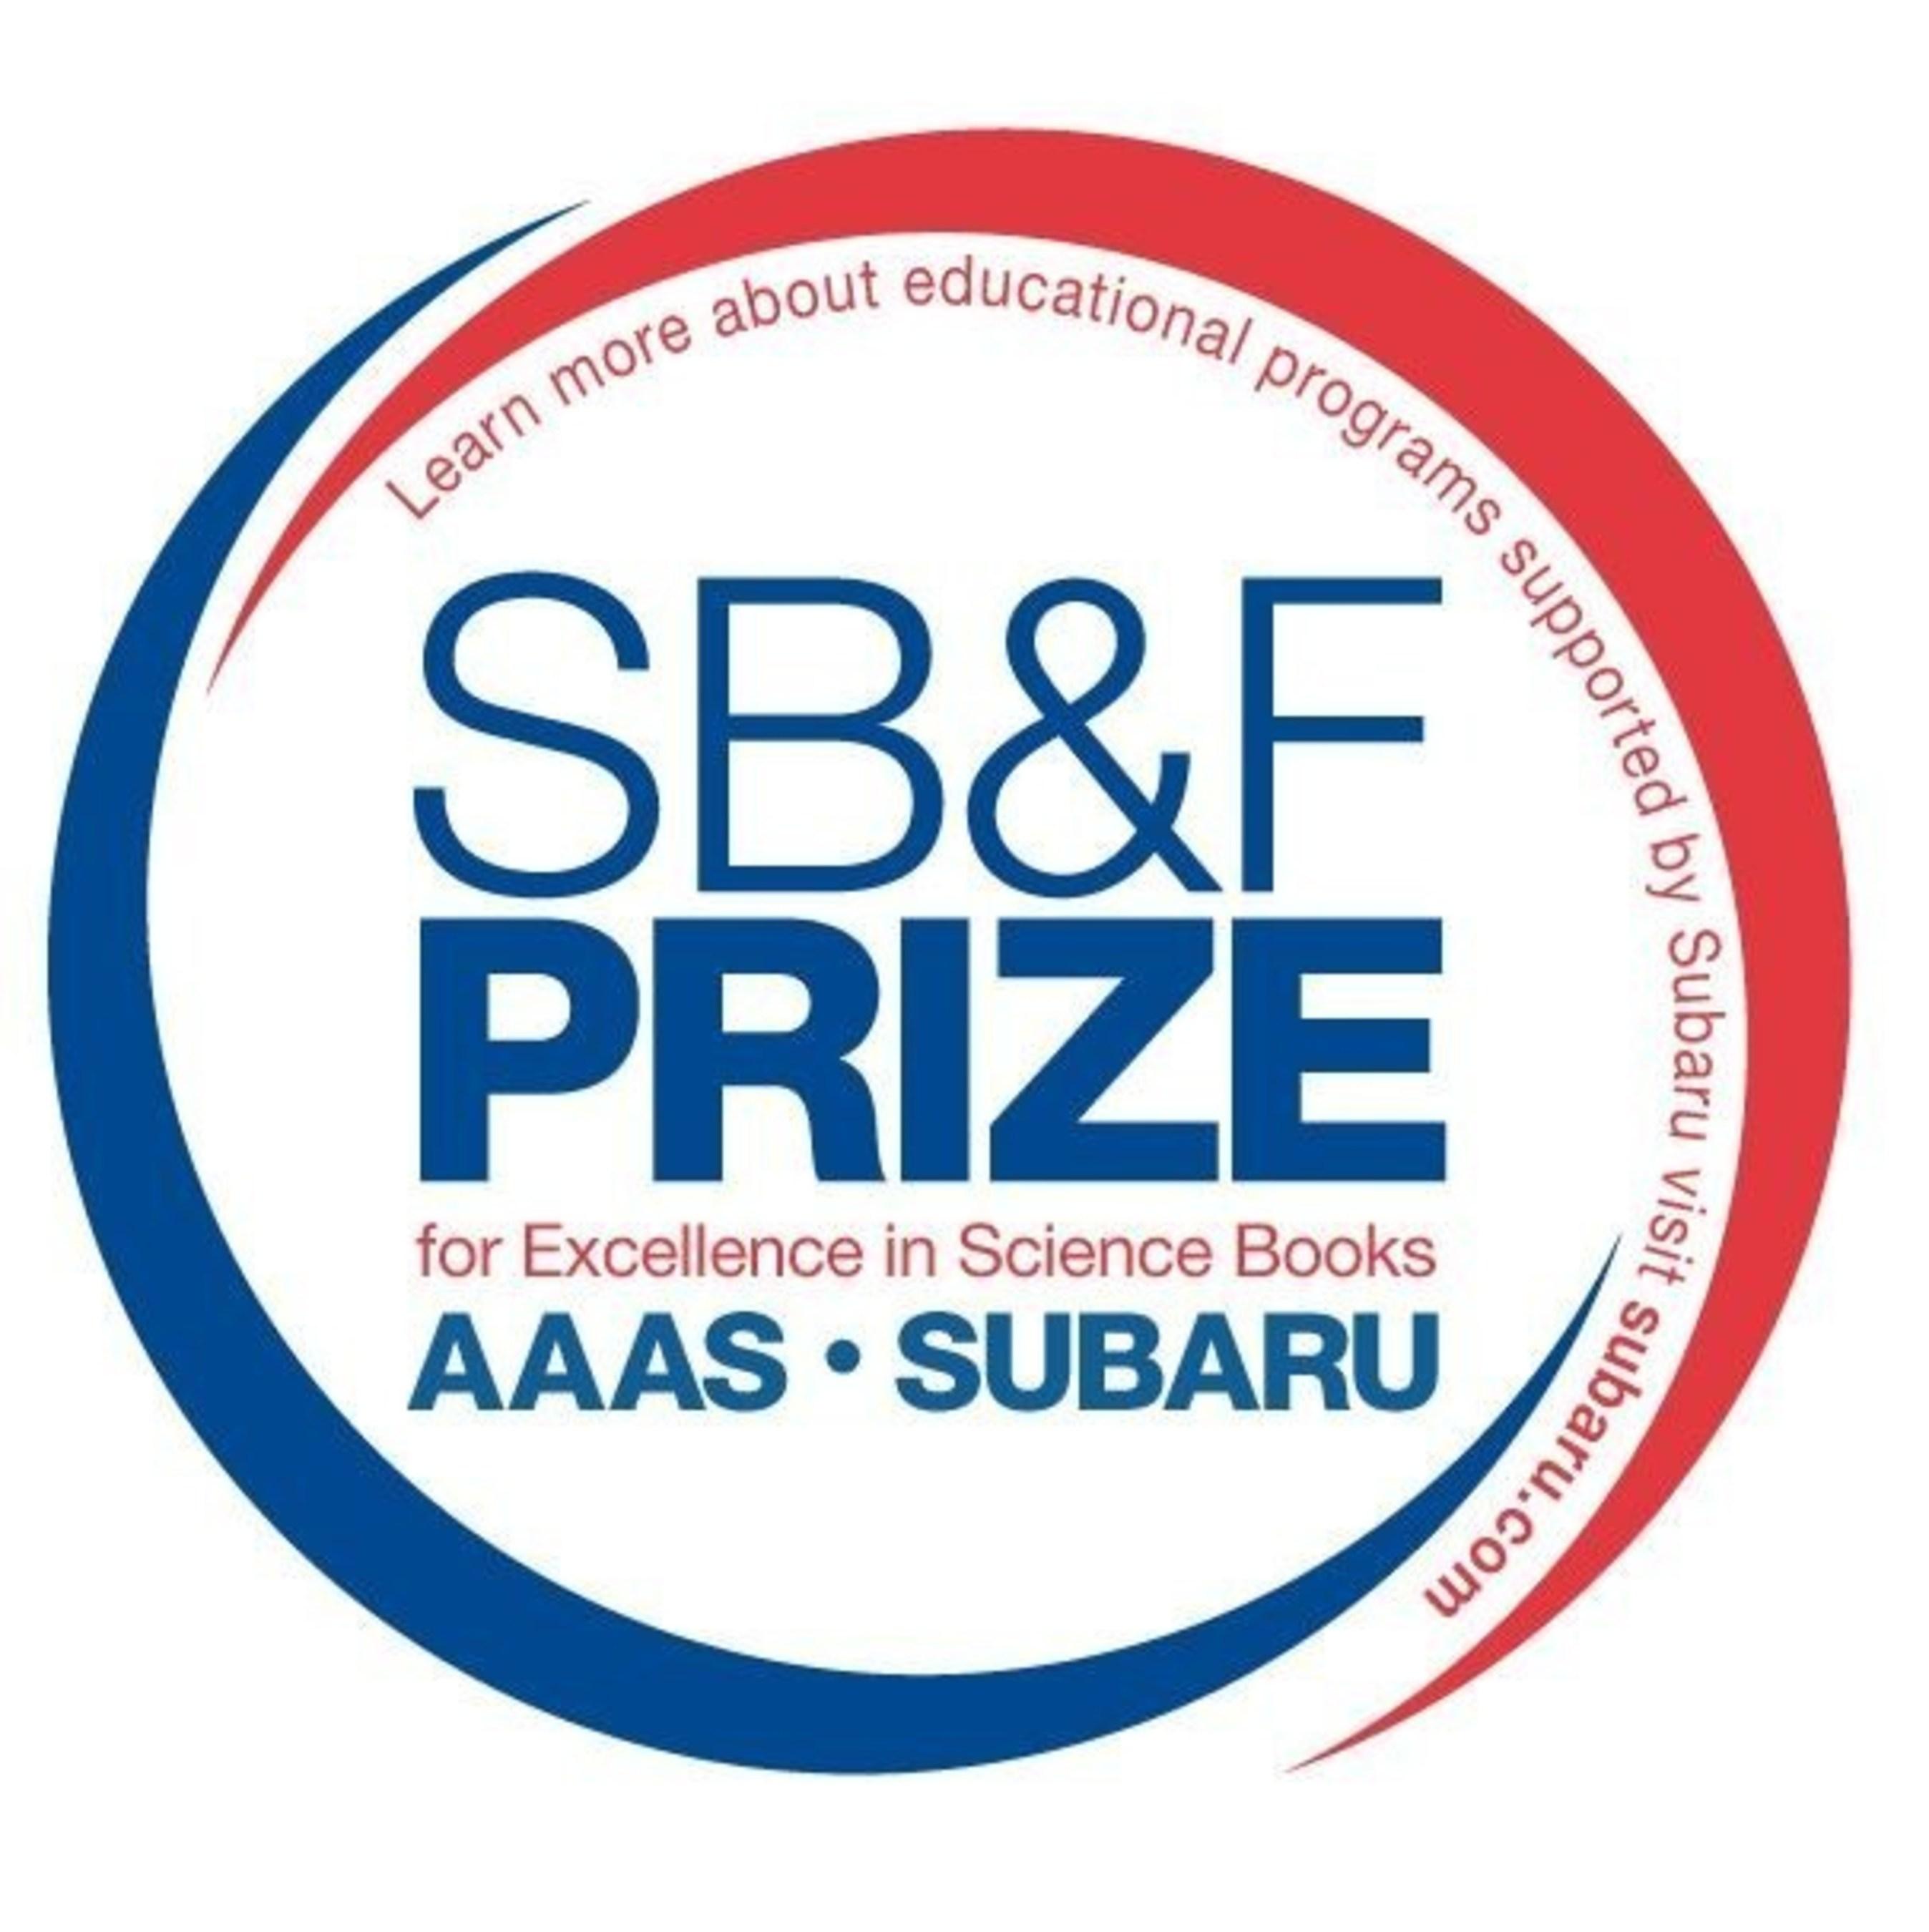 AAAS/ Subaru